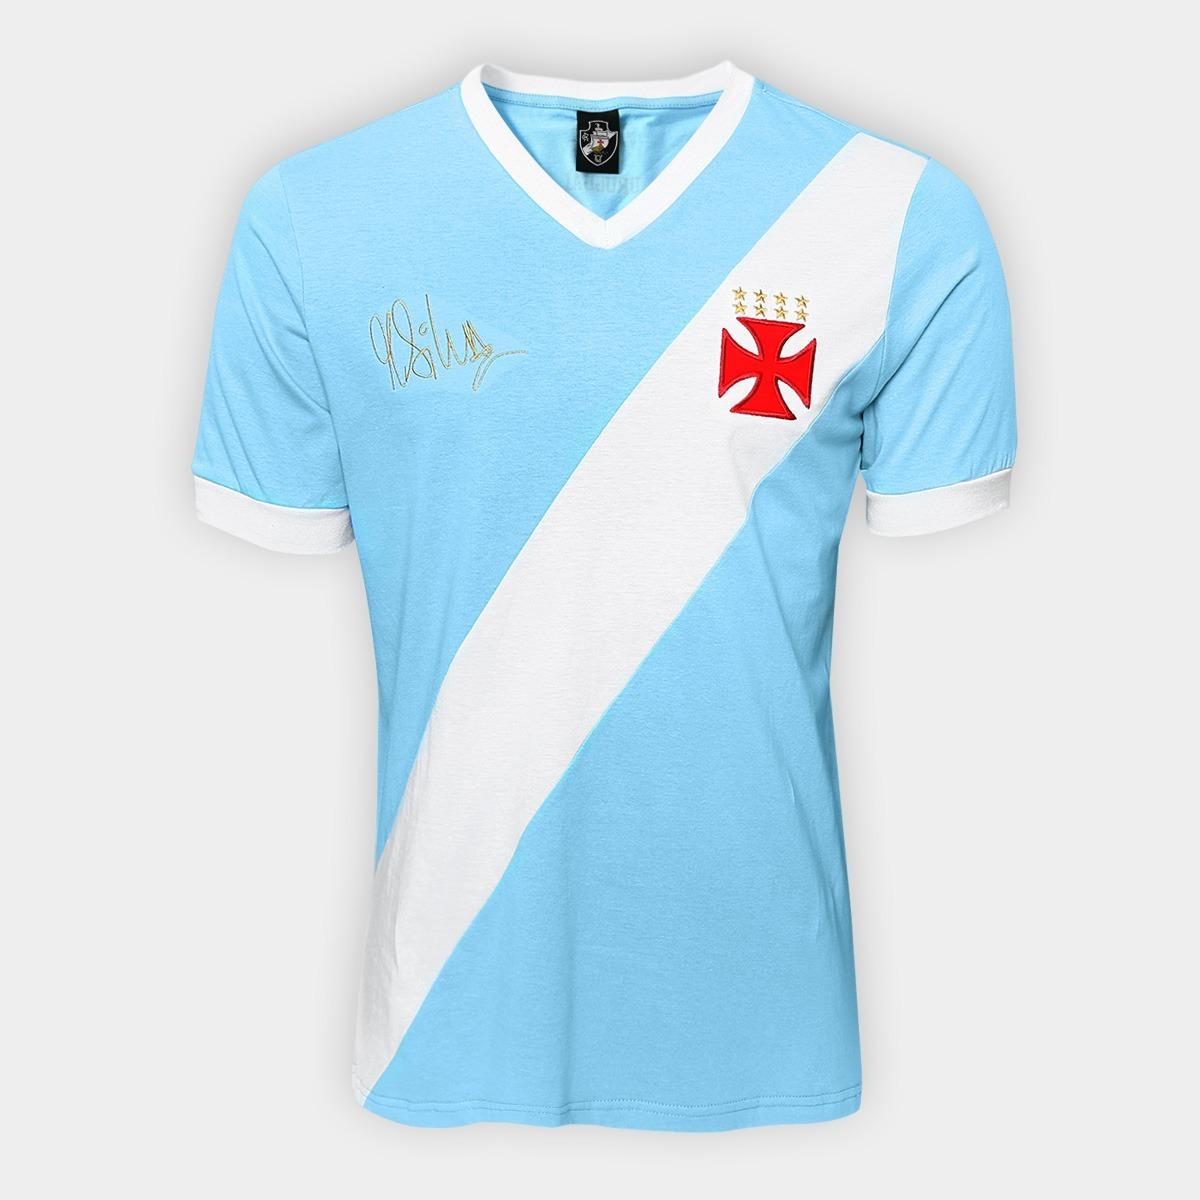 camisa vasco da gama azul goleiro n 1 martin silva edicao. Carregando zoom. 829c533e42072